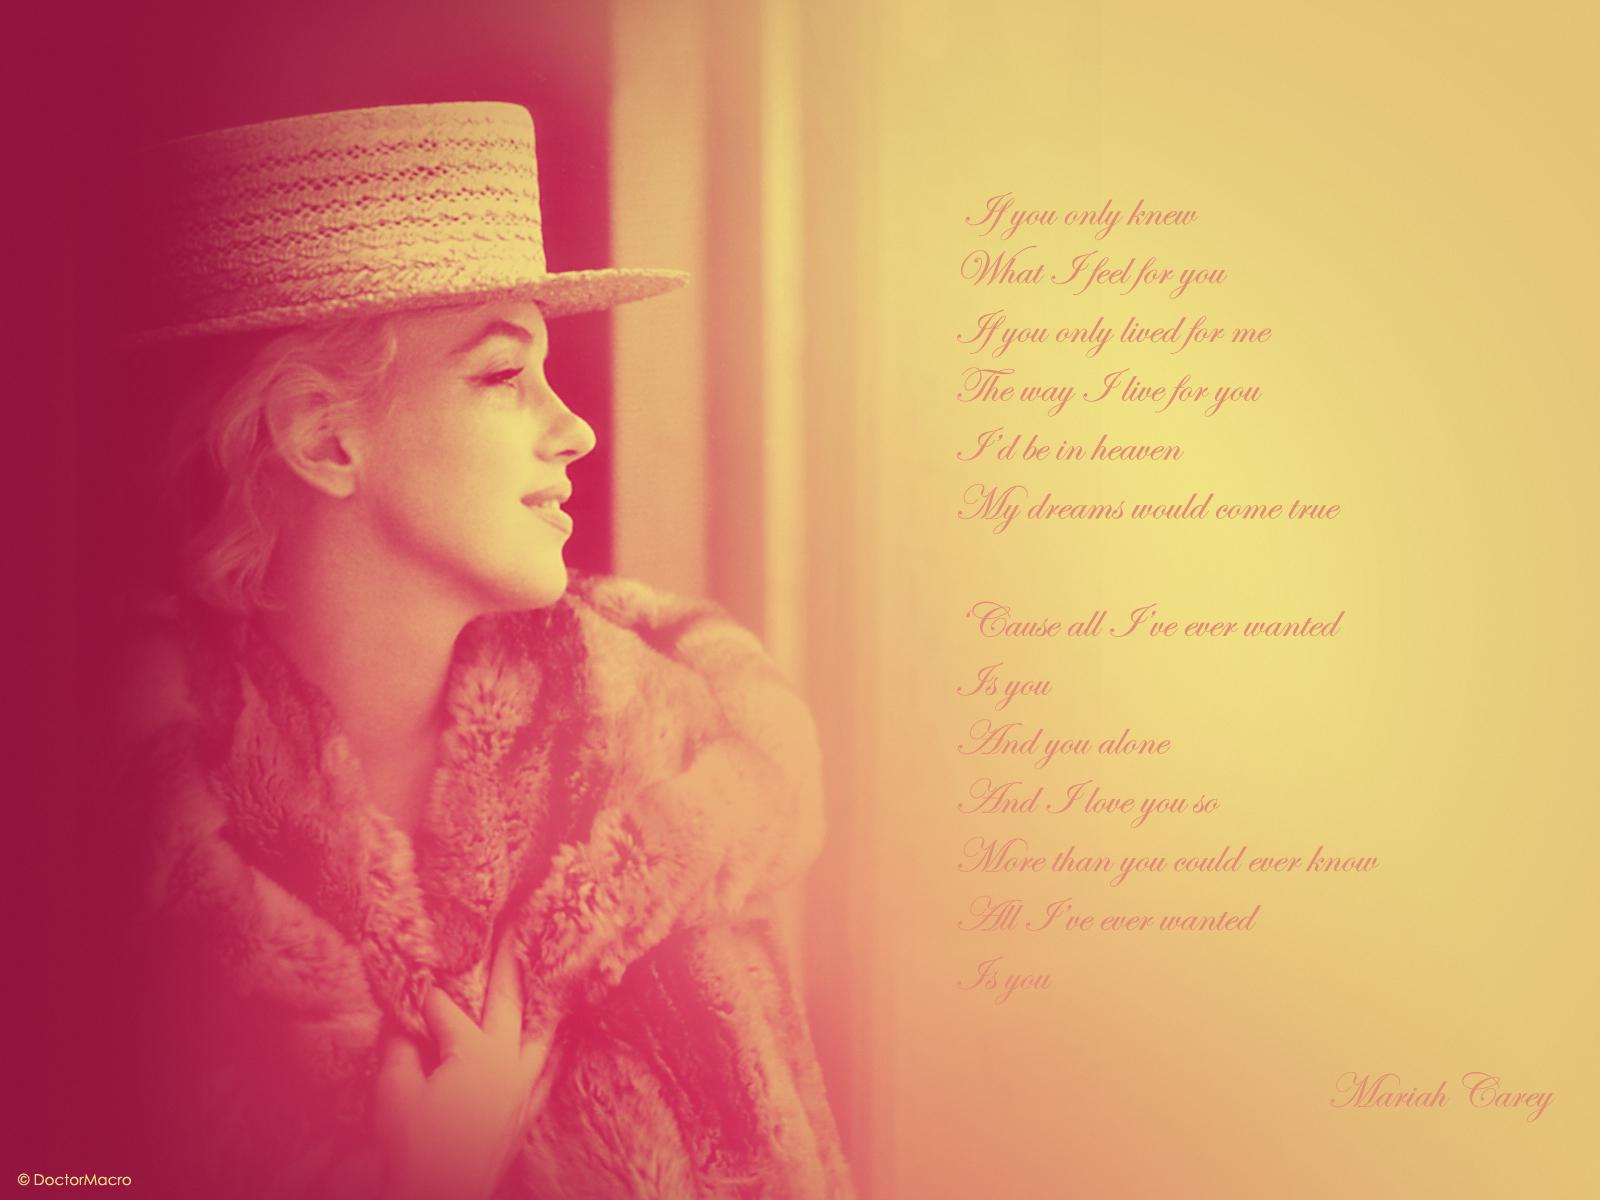 http://4.bp.blogspot.com/-QCa7h2DXA_Y/Tds8Co6ZiDI/AAAAAAAAB0o/kBsVR5F6XmM/s1600/Marilyn+Monroe+Wallpaper+20.jpg